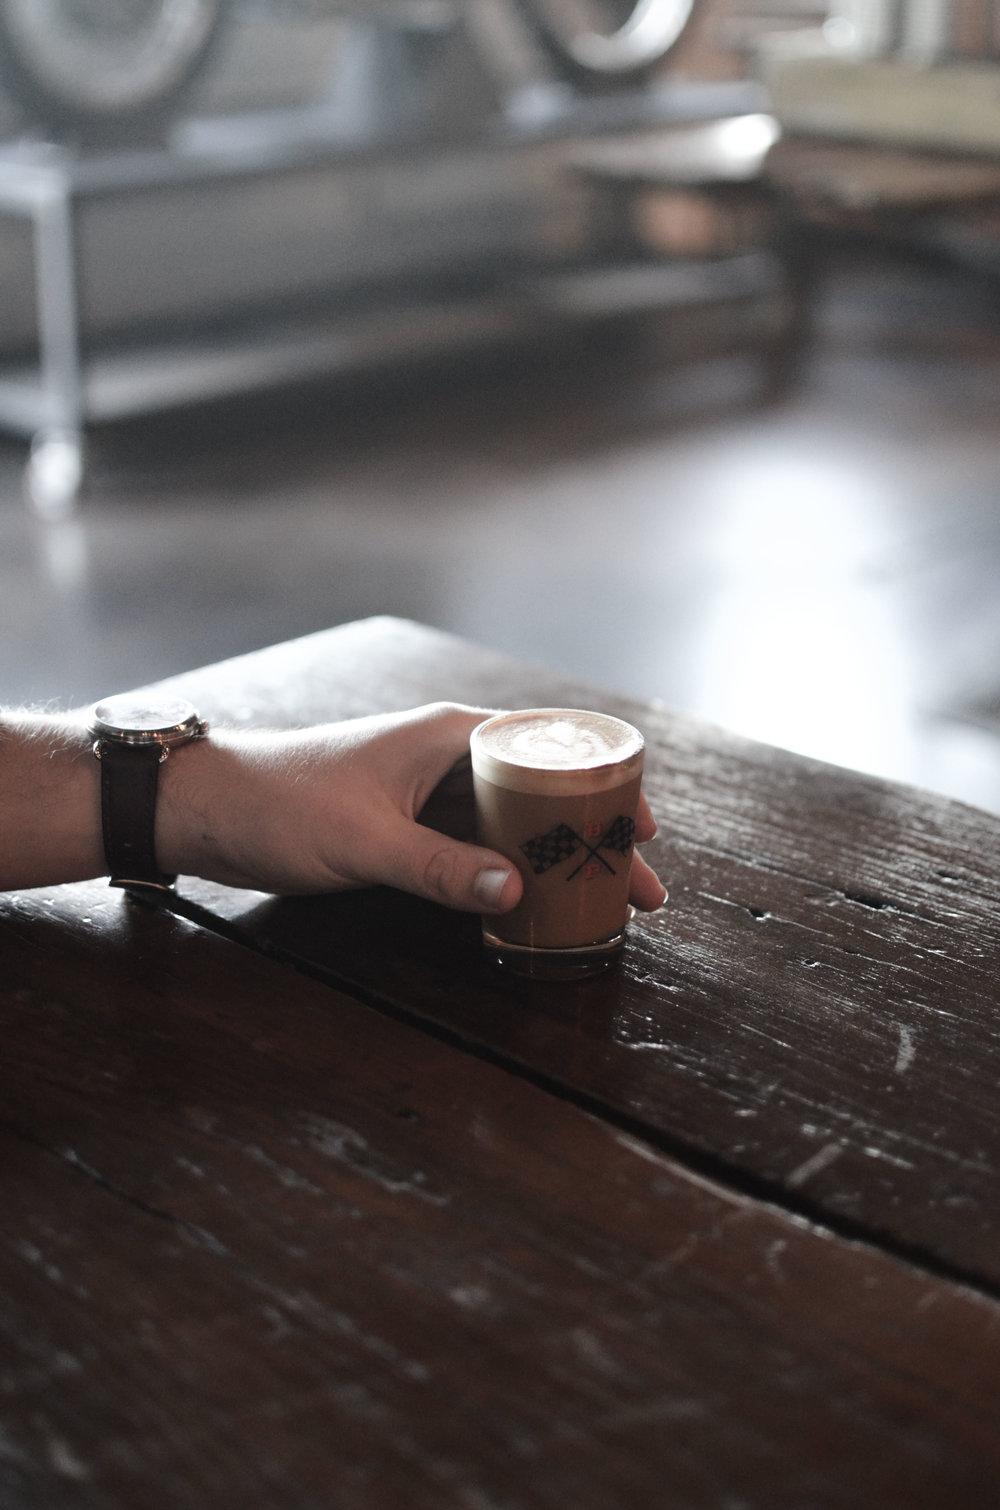 Wendling_Boyd_Barista_Parlor_Coffee_Culture_-2.jpg